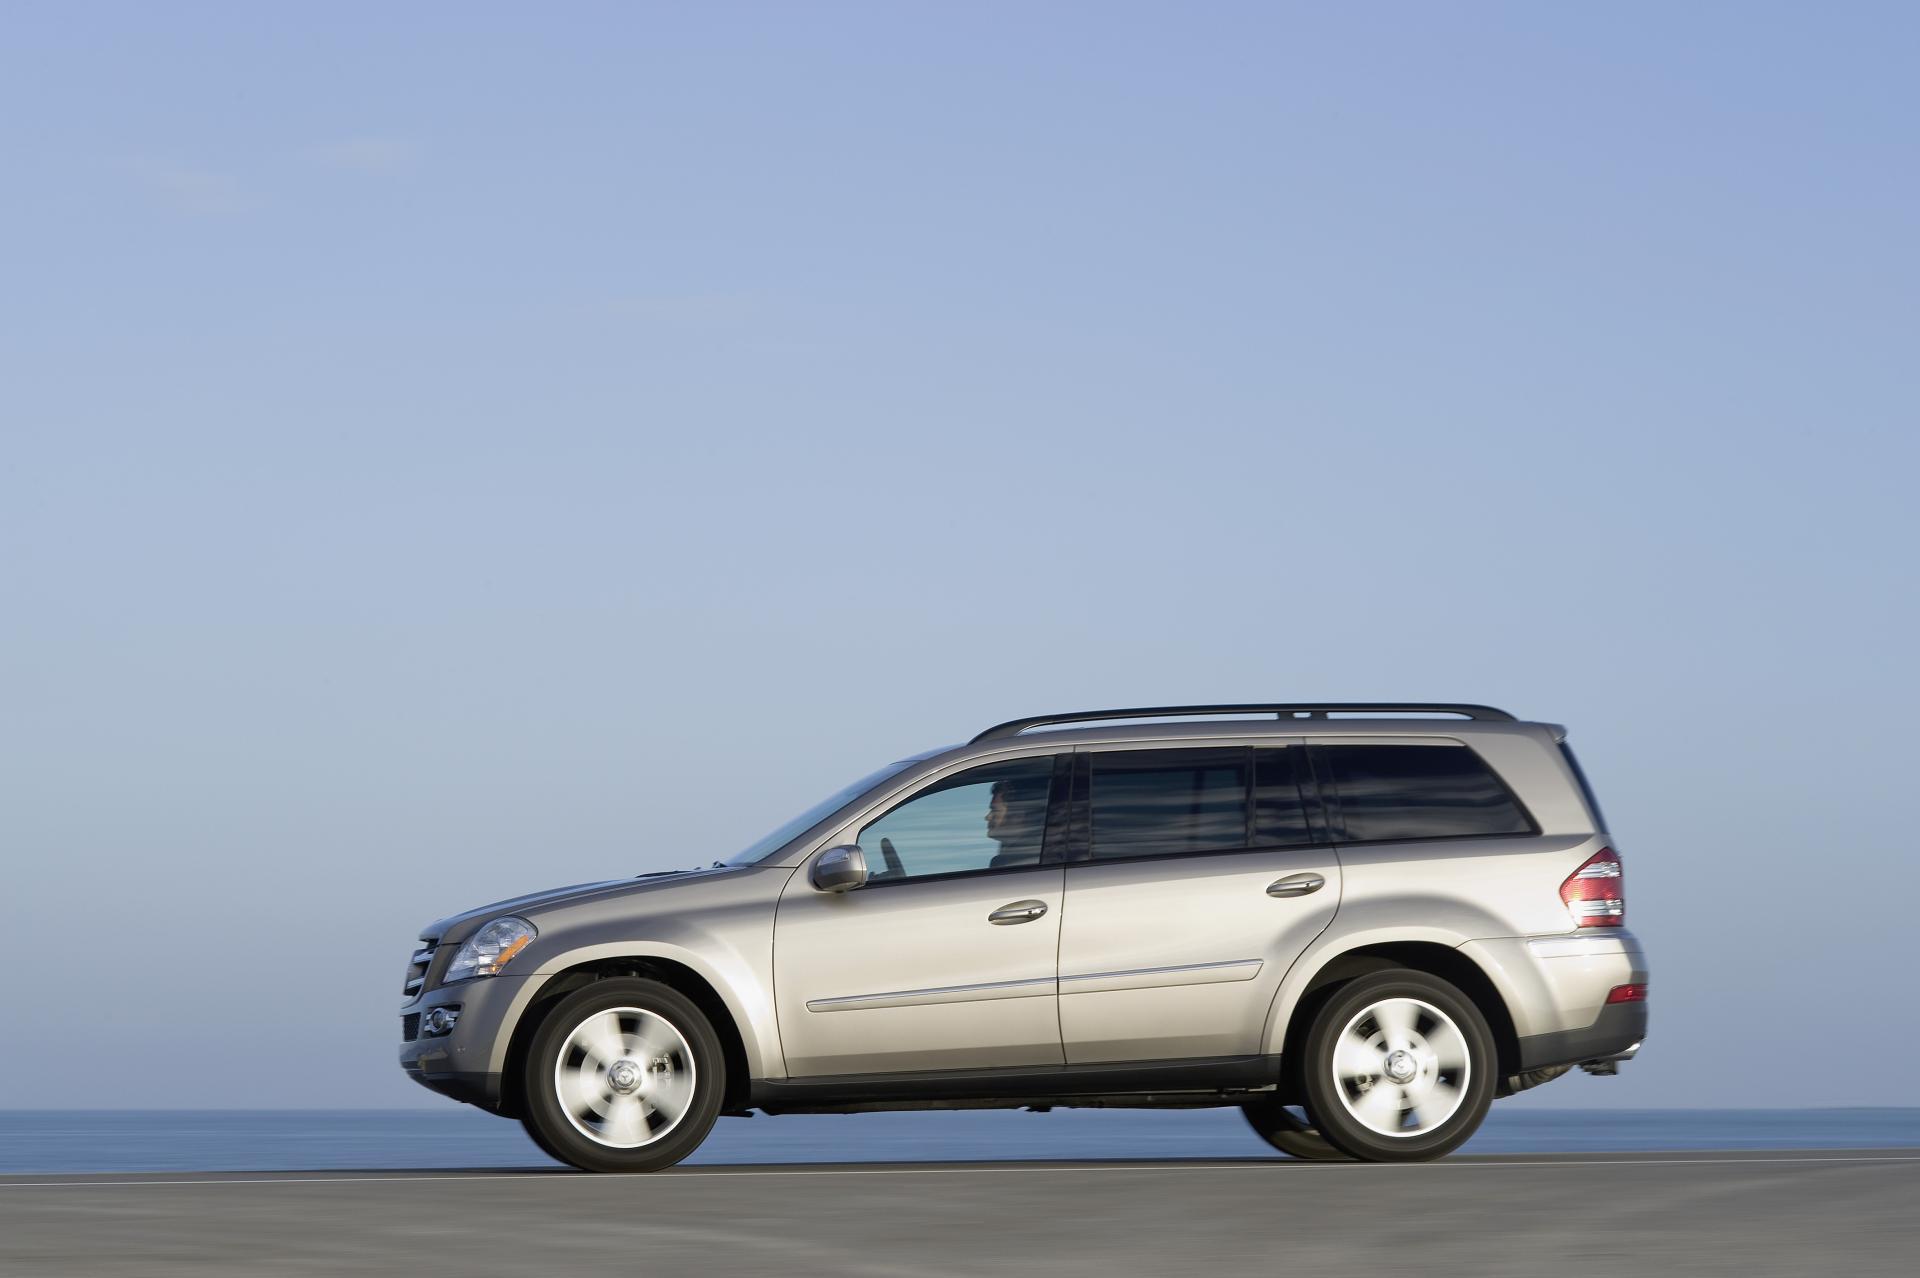 2012 mercedes benz gl class technical specifications and for Mercedes benz engines specifications